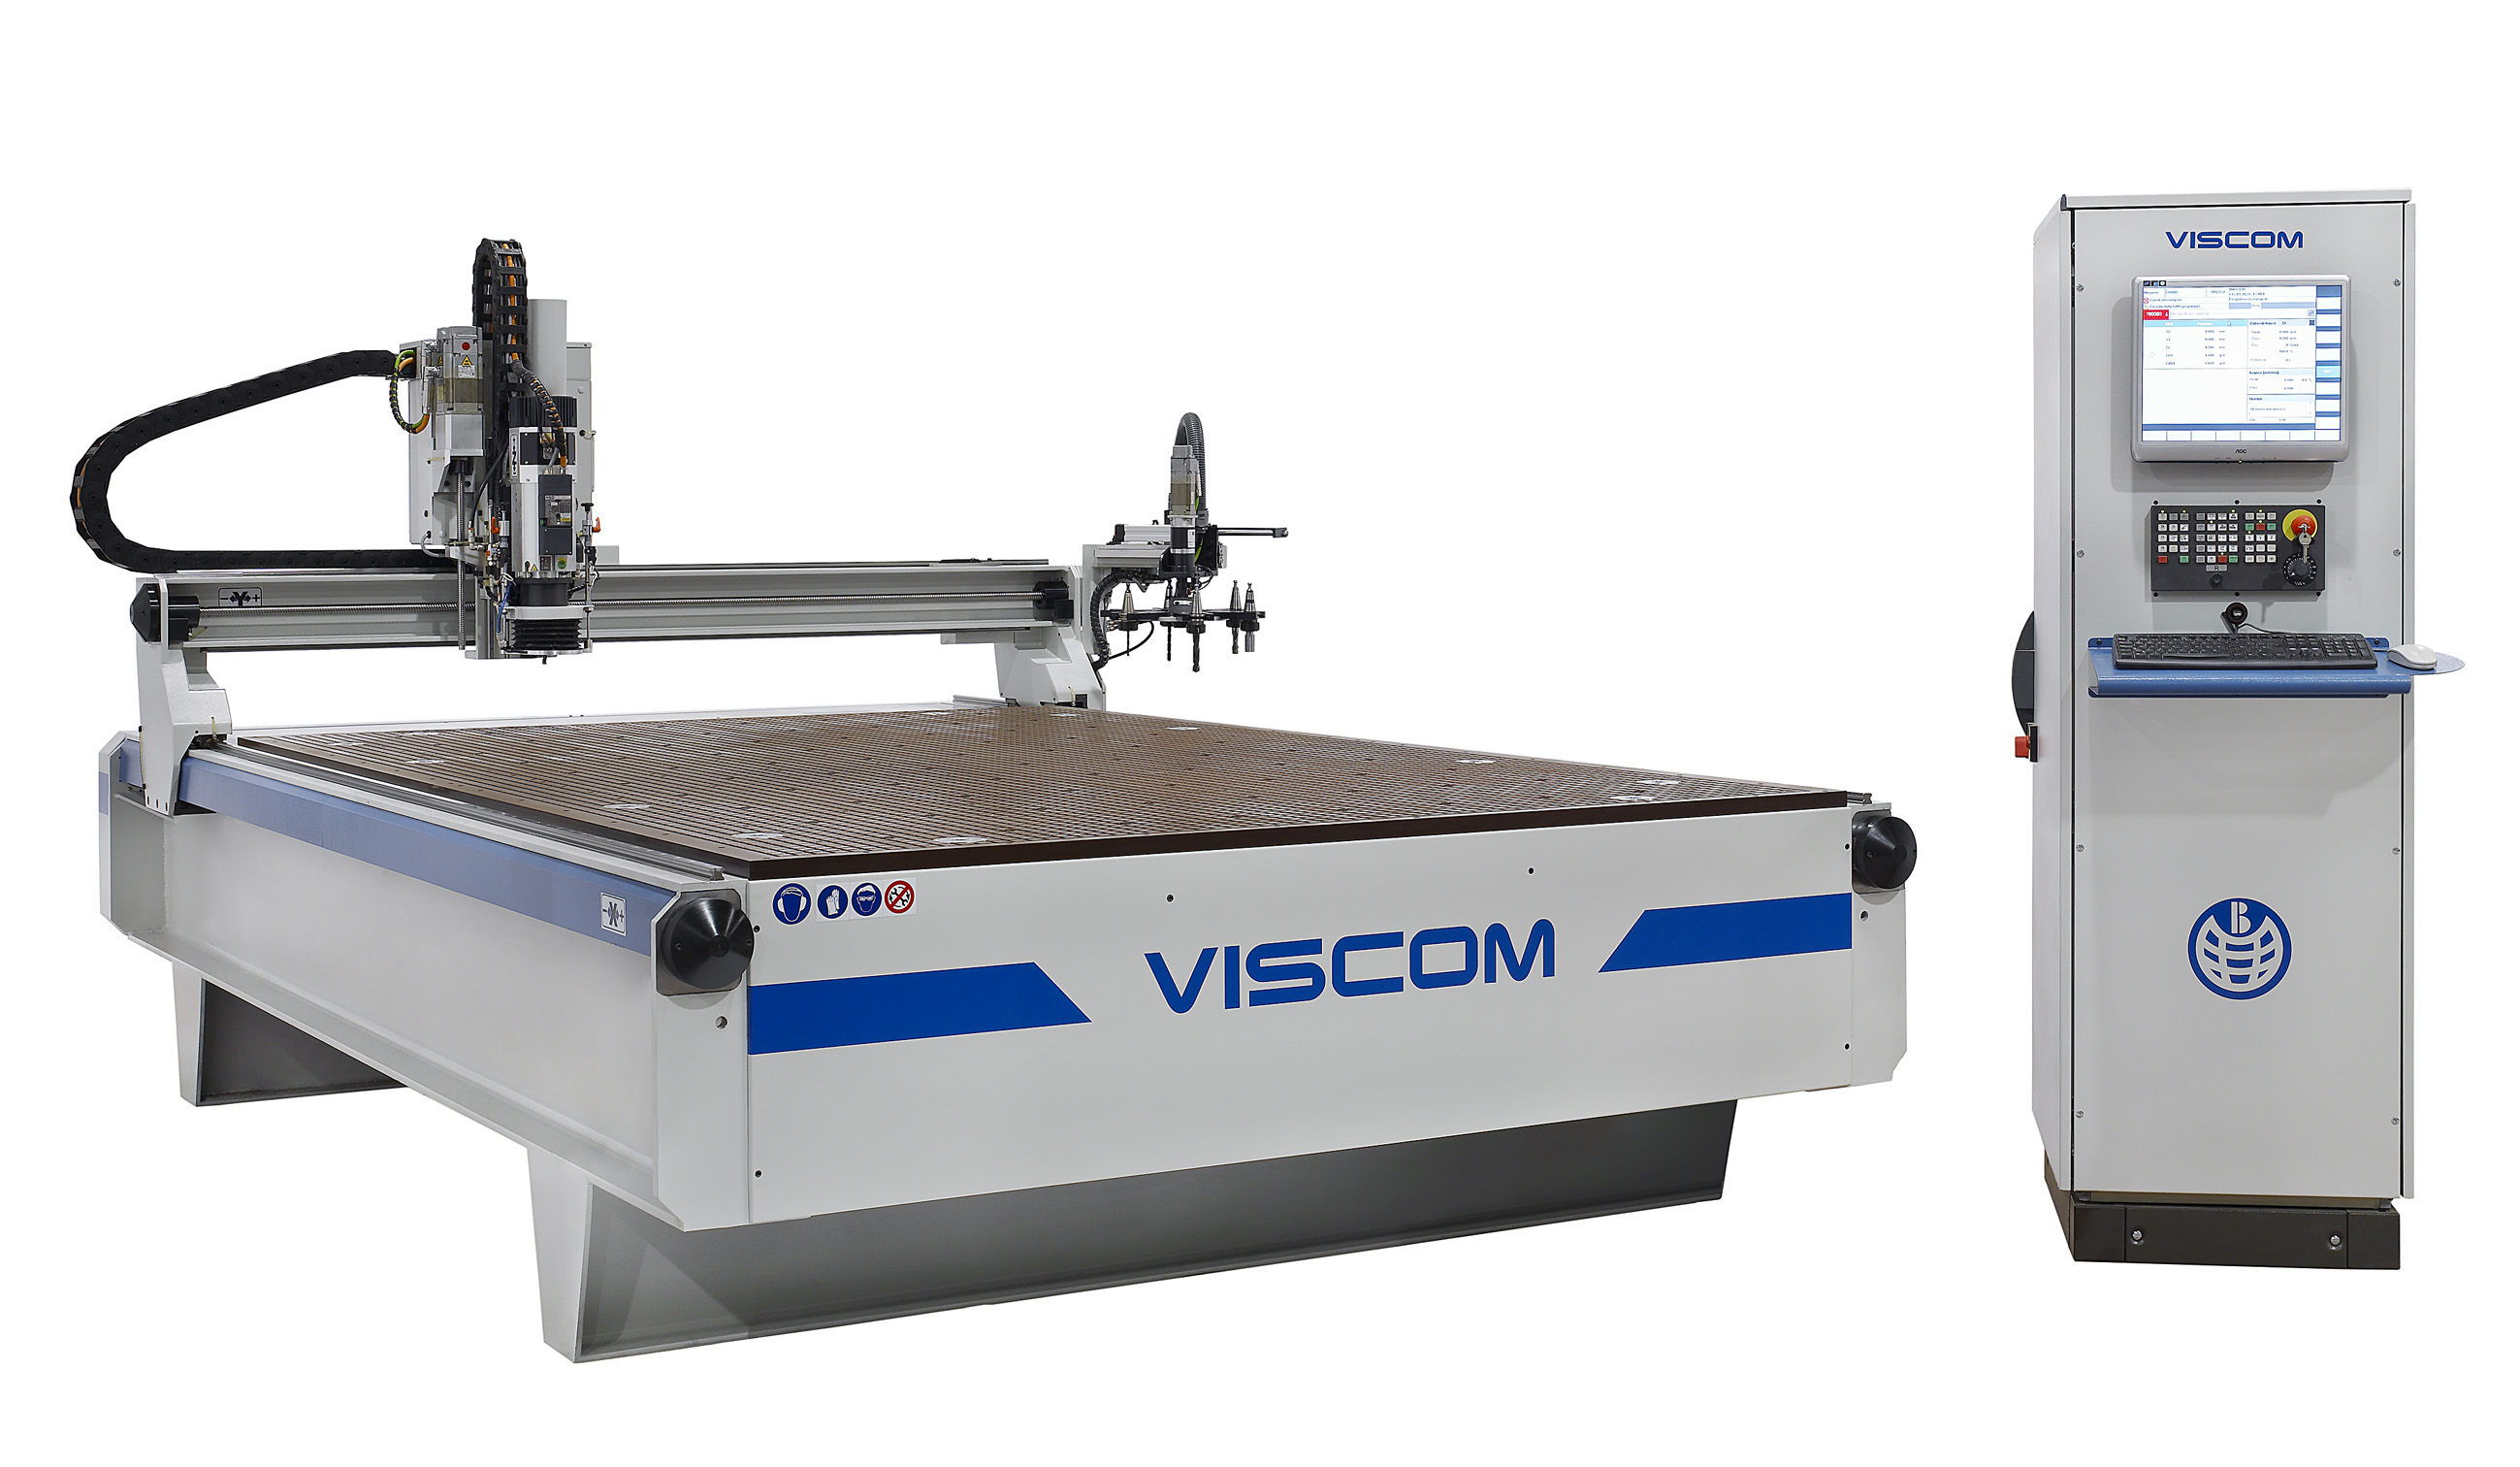 La fresadora de control numérico (CNC), modelo VISCOM, destaca por su gran versatilidad. Está diseña...